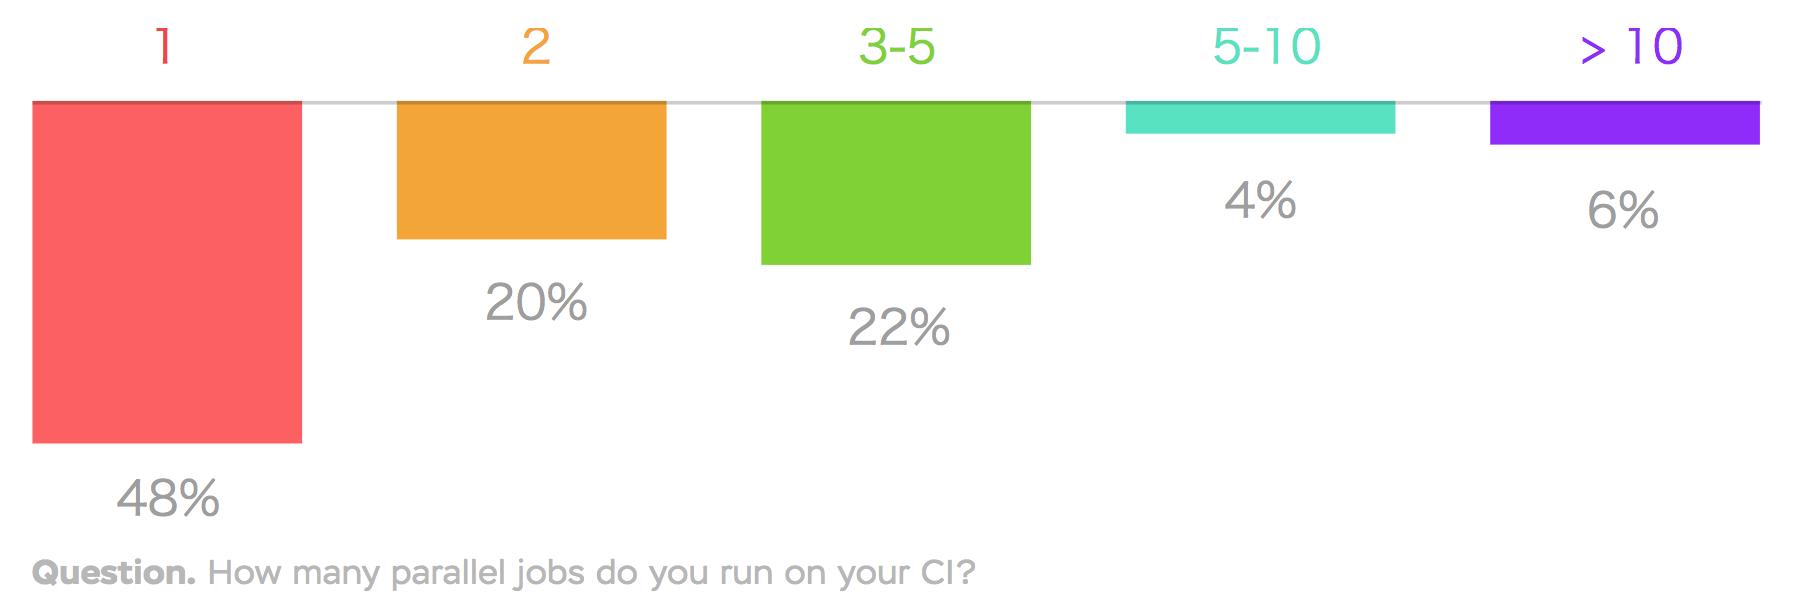 質問: CIでの並行ジョブ数は?